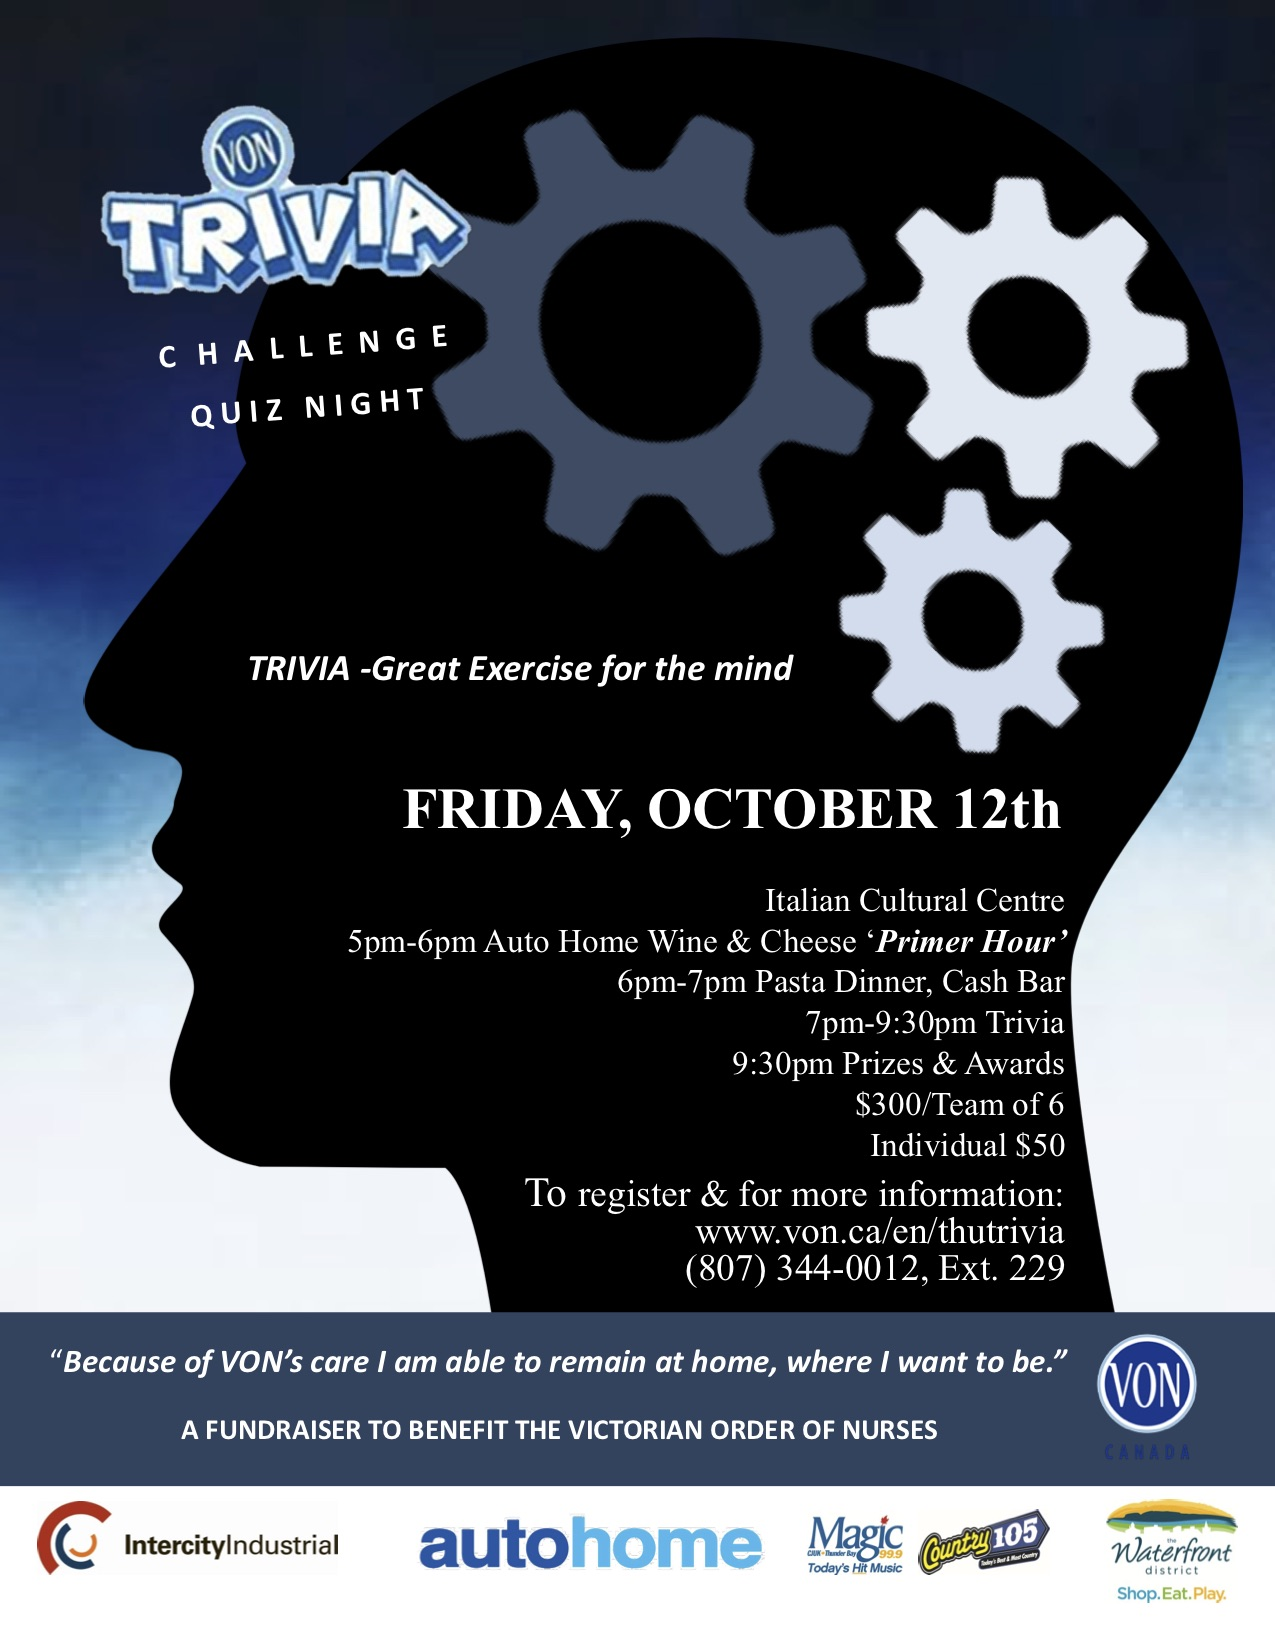 Von Trivia Challenge Quiz Night The Walleye